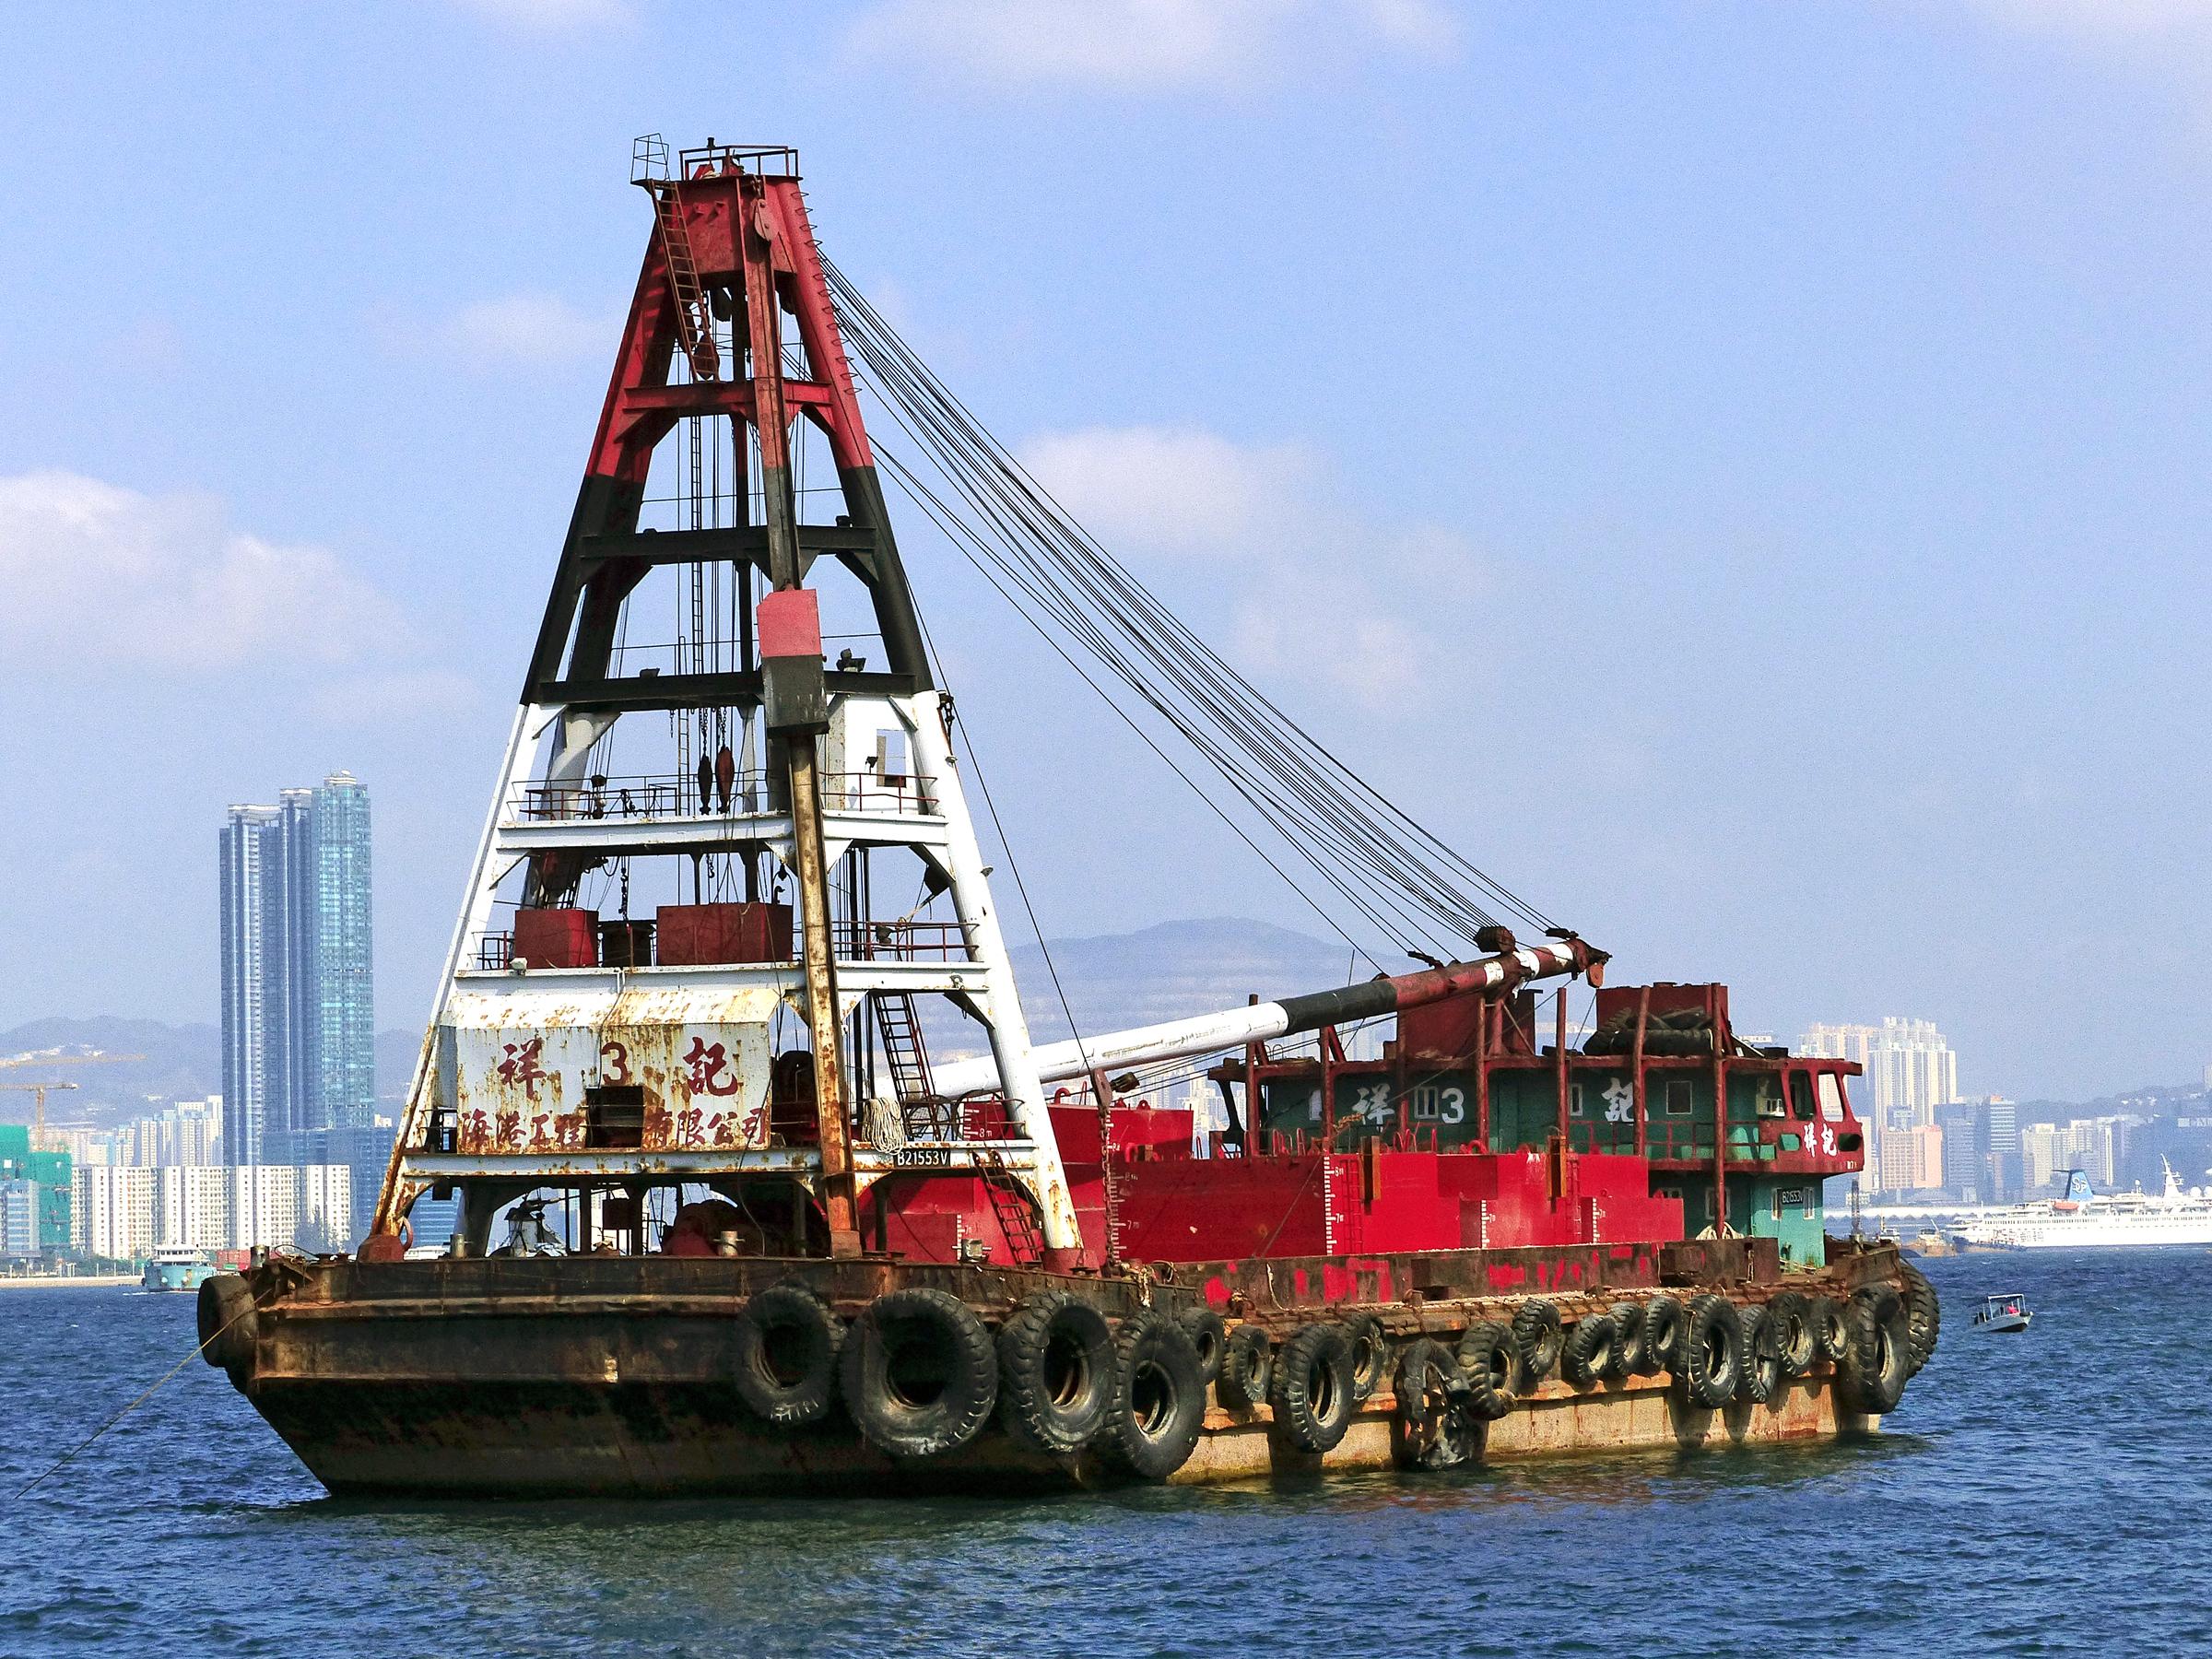 Gambar Perahu Mengangkut Kendaraan Area Publik Pengiriman Bridgecamera Kapal Penarik Hongkong Superzoom Panasonicdmcfz Cargohandling